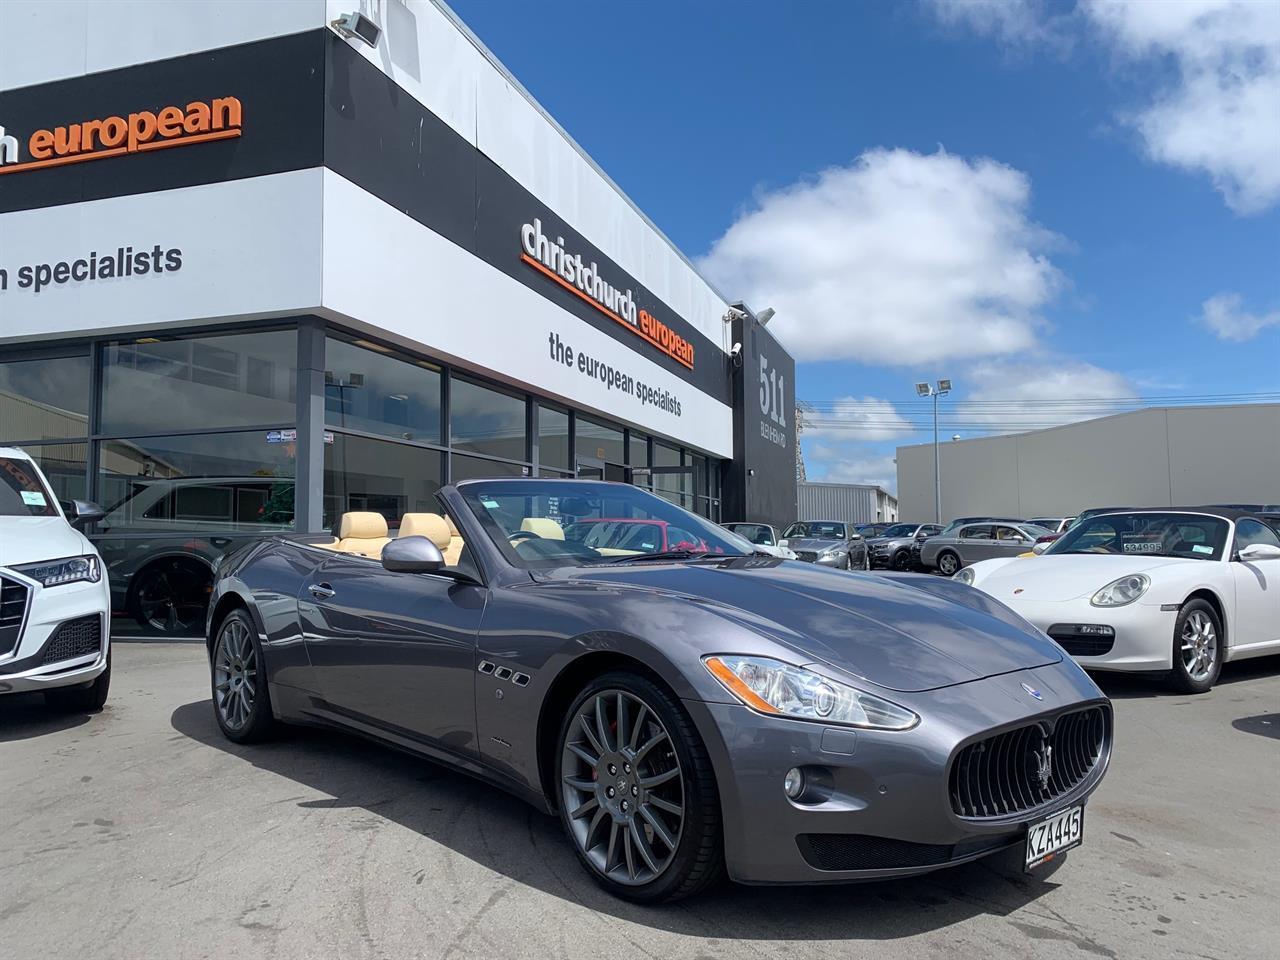 image-0, 2012 Maserati GranCabrio 4.7 V8 Roadster at Christchurch